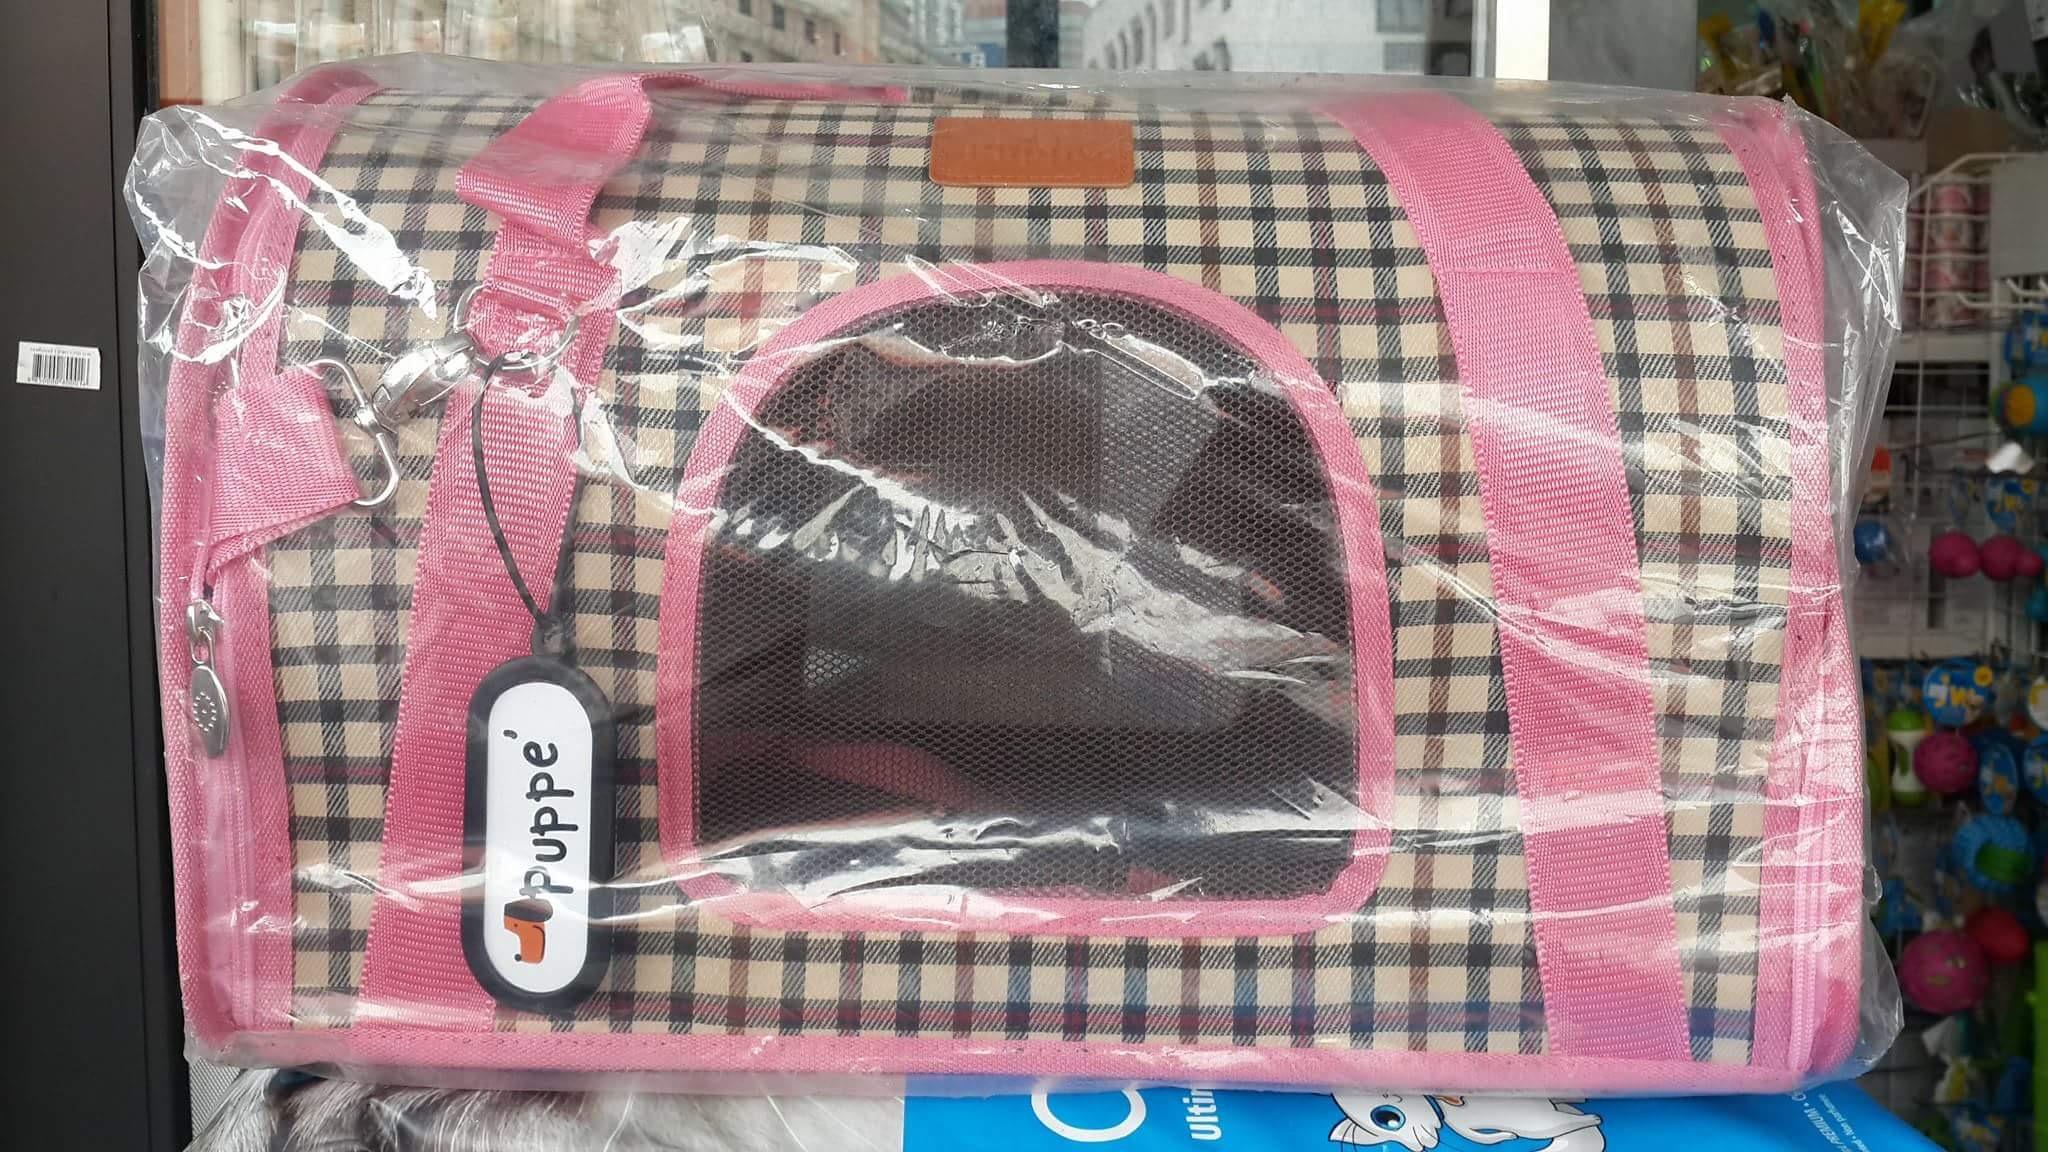 กระเป๋าใส่หมาแมวเบอร์สอง ลายสกอตสีชมพู 30 x 44 x 29 ราคา 1120รวมส่ง